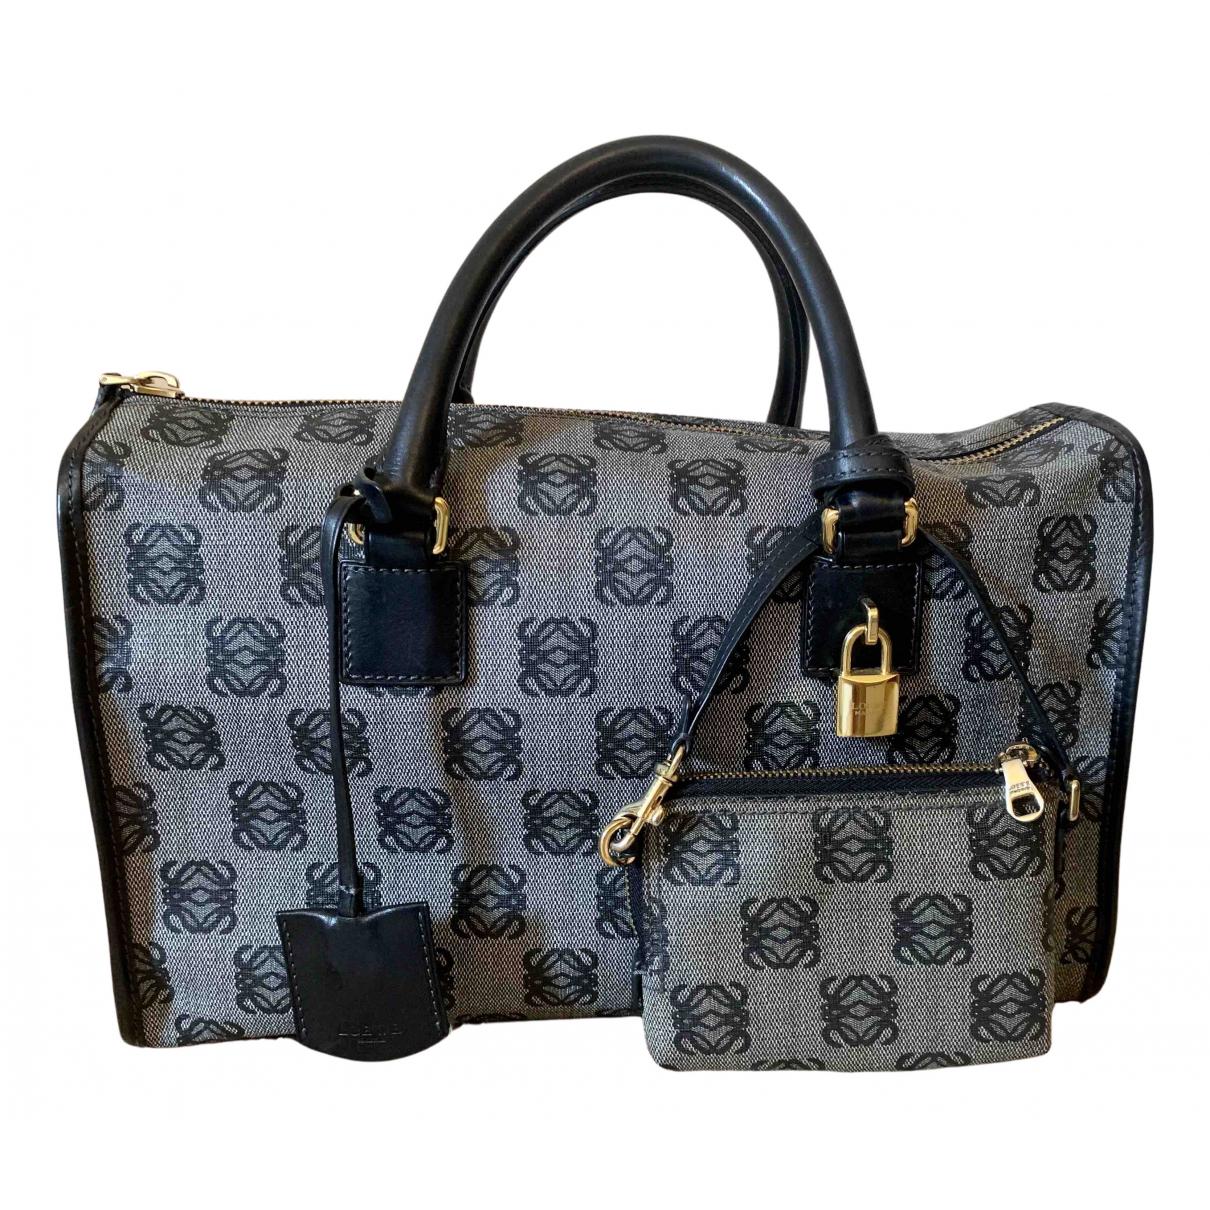 Loewe Amazona Cloth handbag for Women N